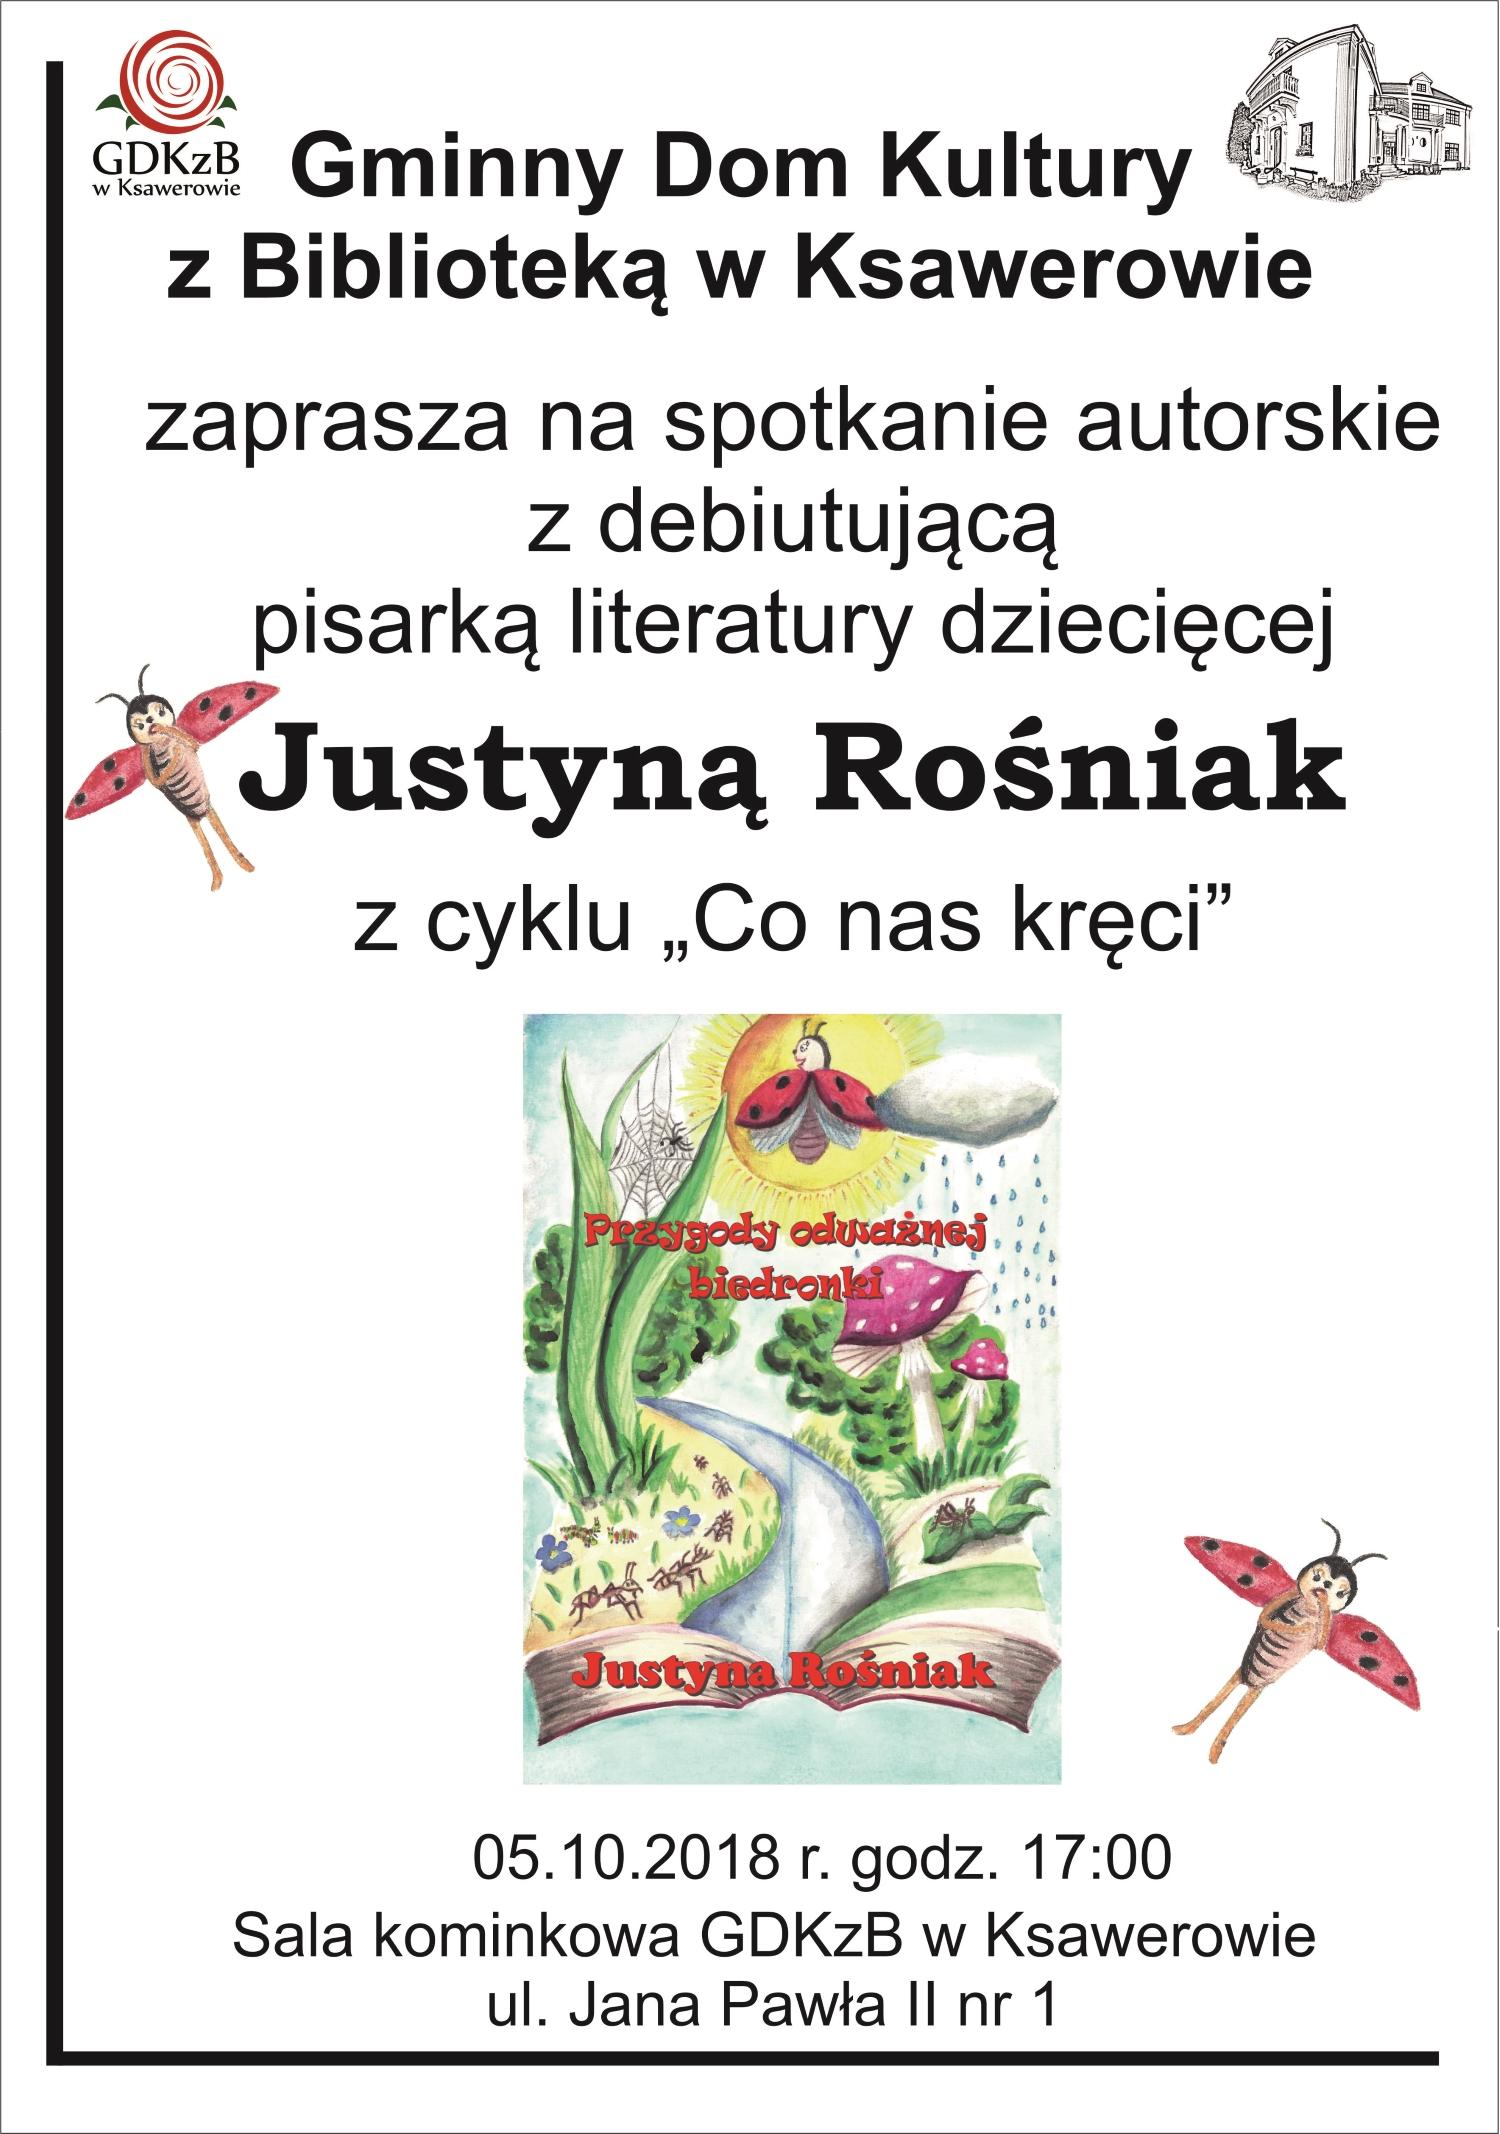 Spotkanie z Justyną Rośniak